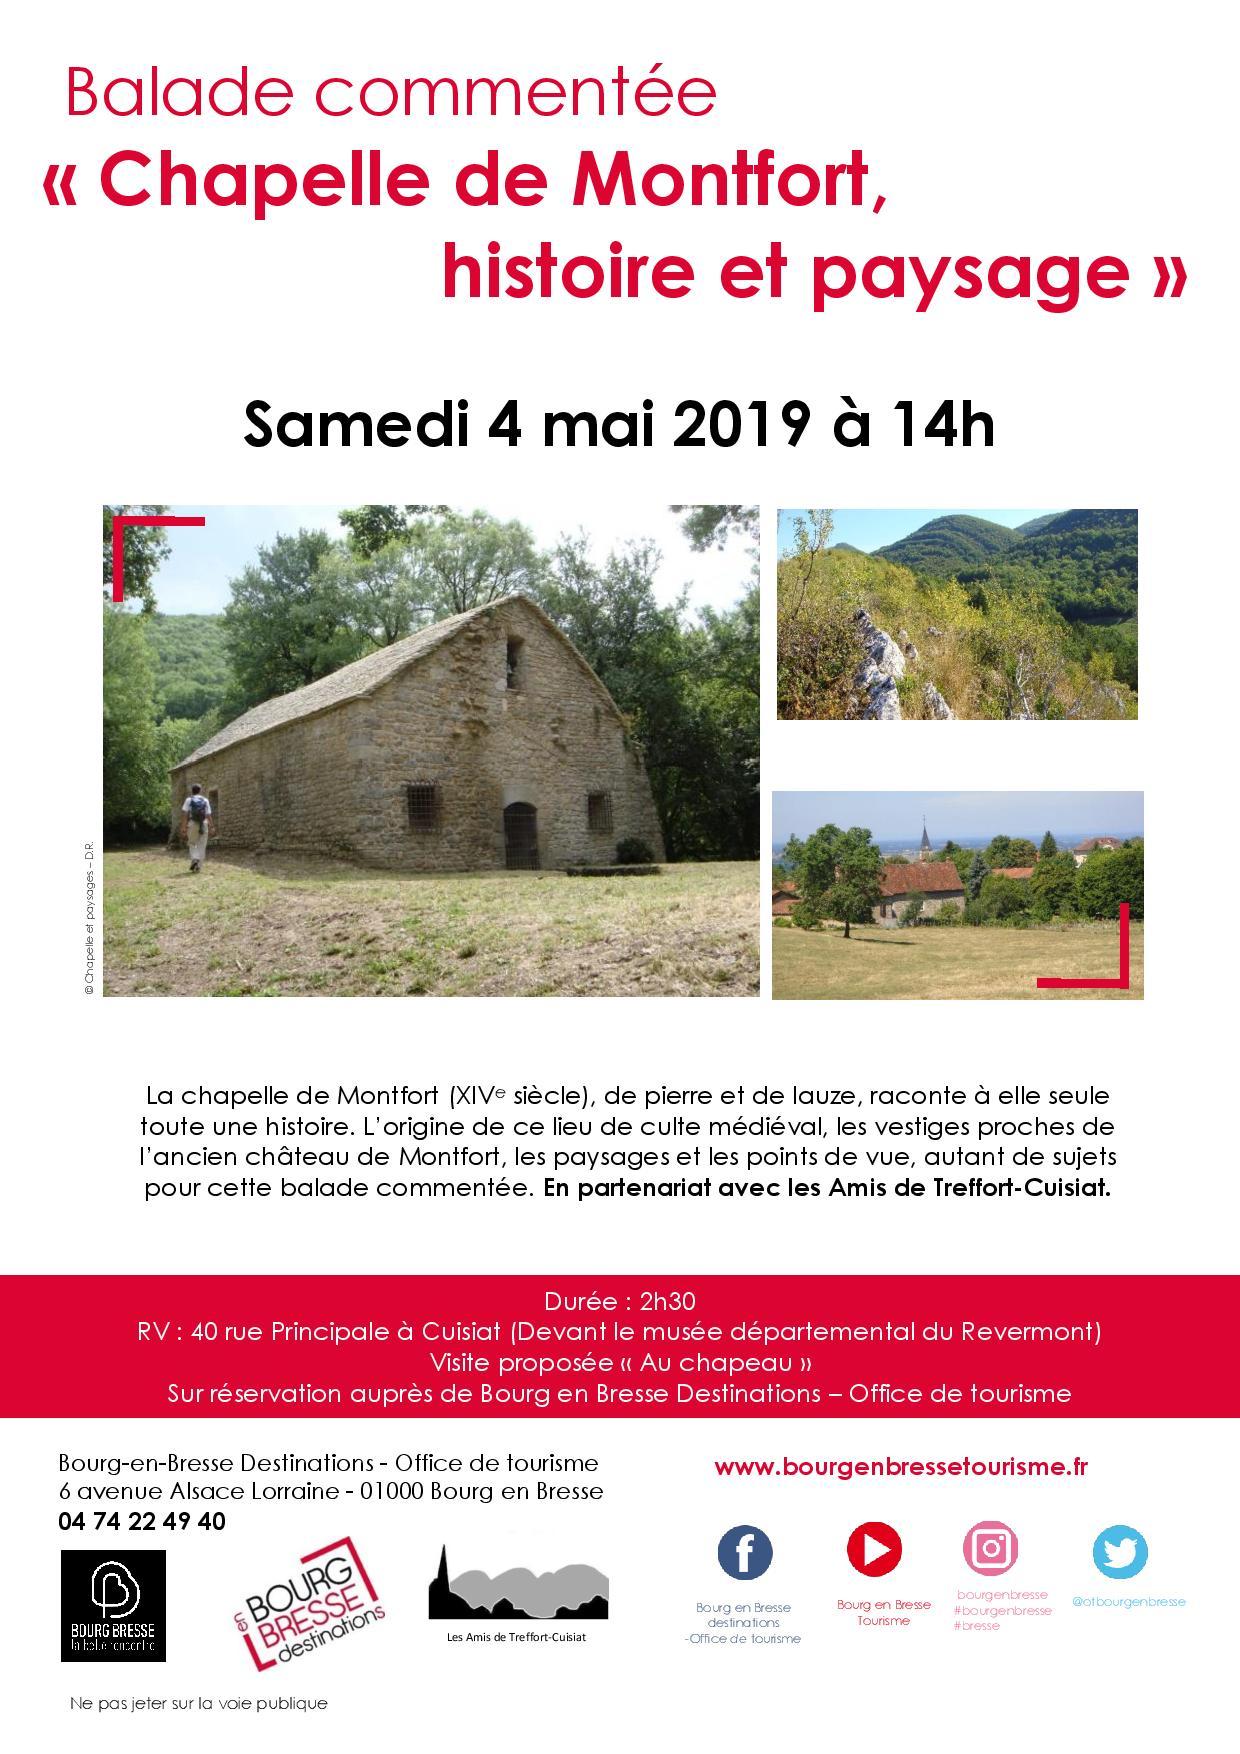 Ballade commentée : chapelle de Montfort, histoire et paysage